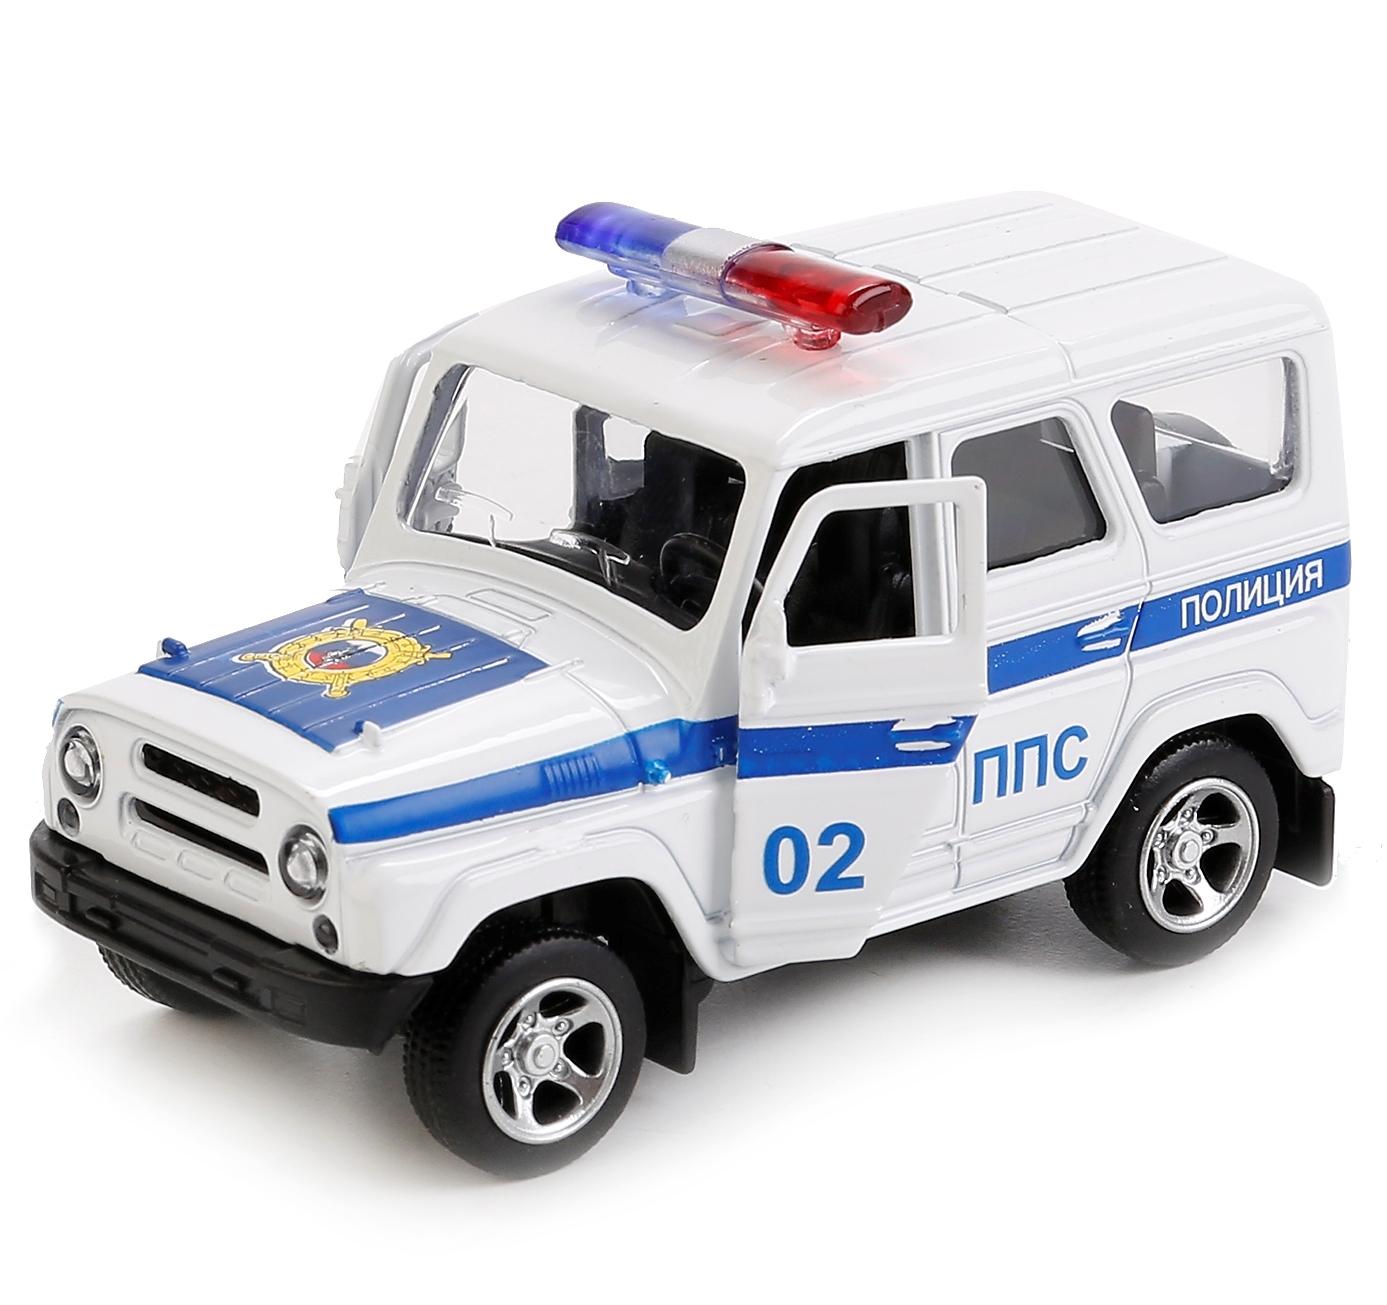 Технопарк УАЗ Hunter Полиция 8,5 см 187210 power supply k pl l01 465r1029sdjb for 50pff505 55pfl3045 all in stock is used